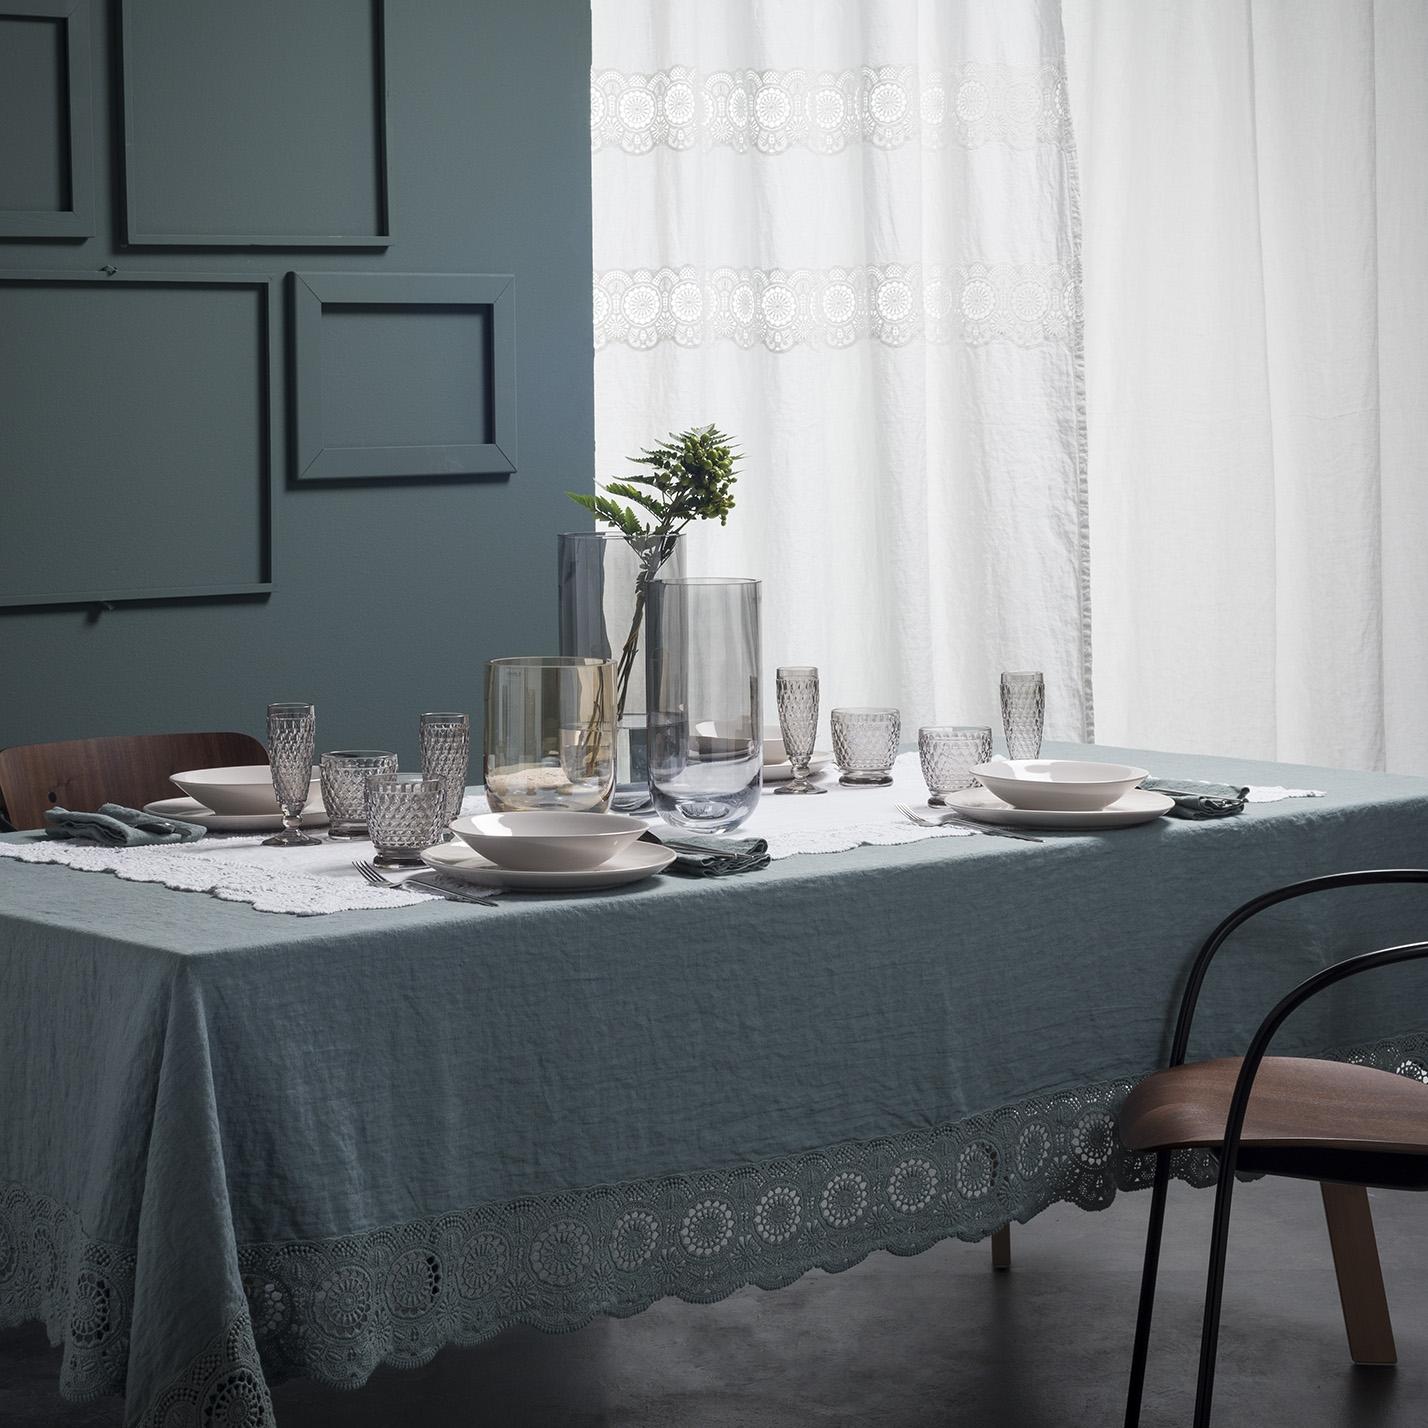 lino tavola, tovaglie, set da tavola, runner, grembiuli